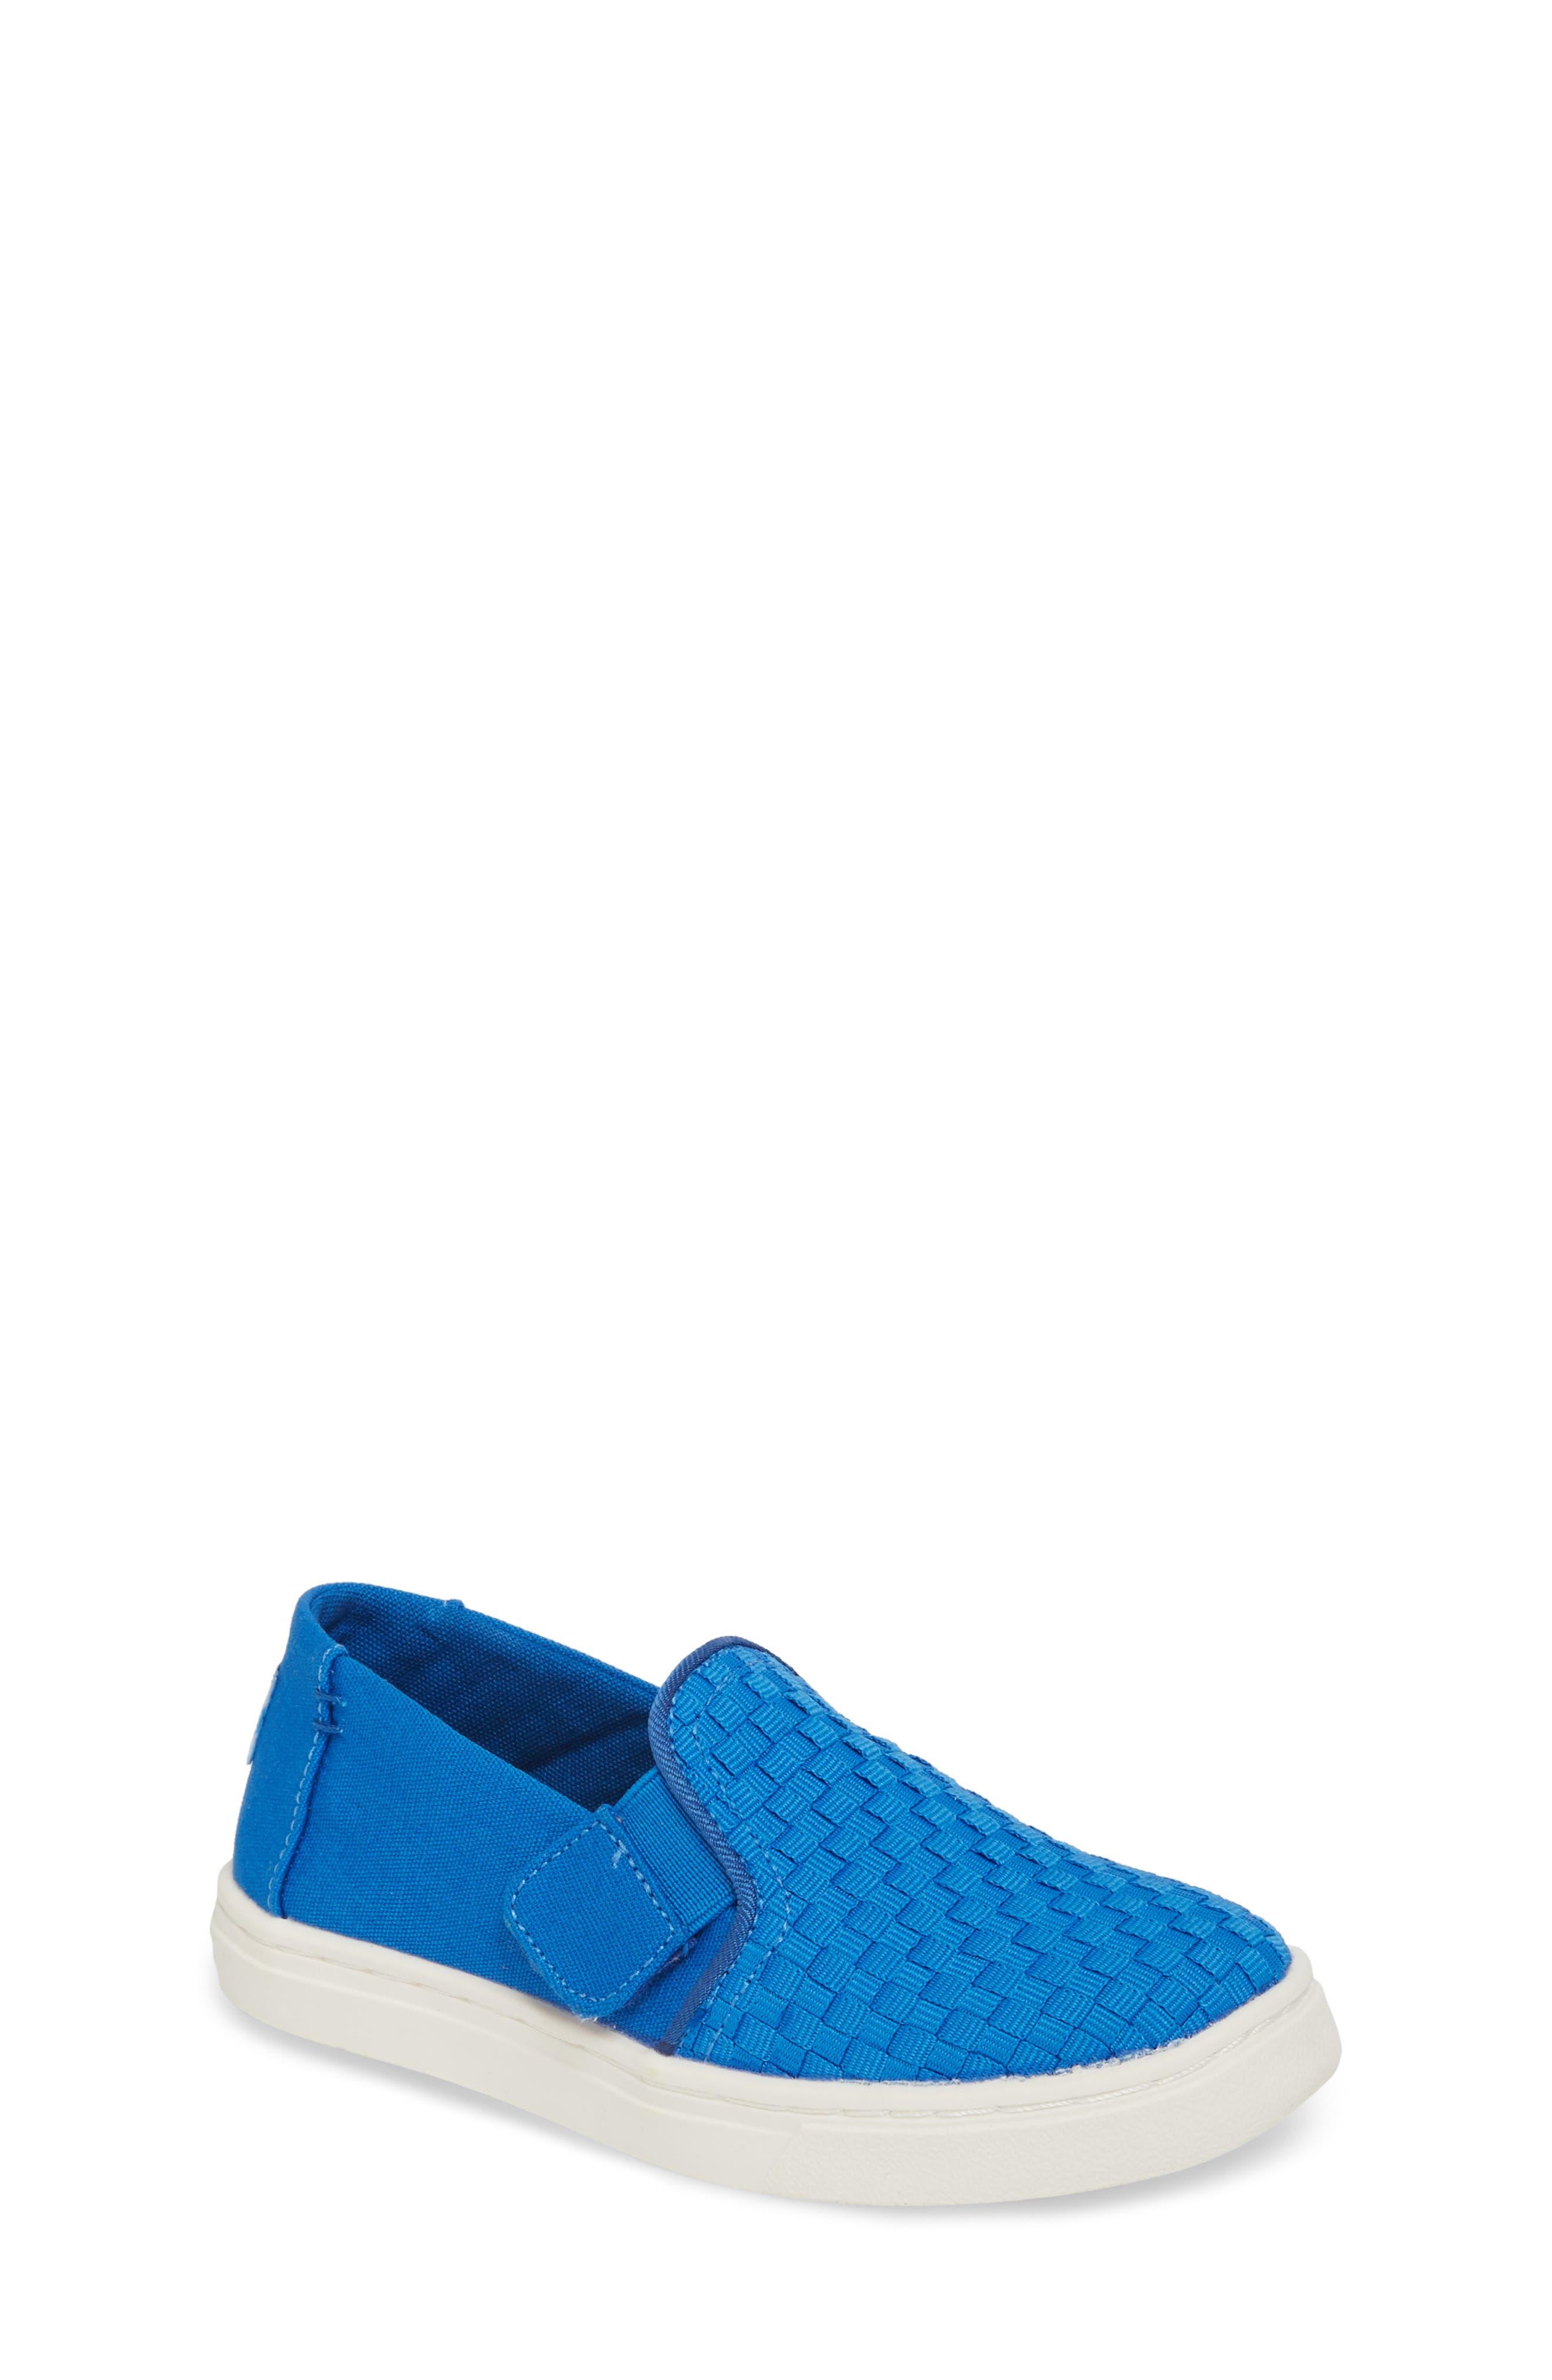 Luca Slip-On Sneaker,                         Main,                         color, Imperial Blue Basketweave